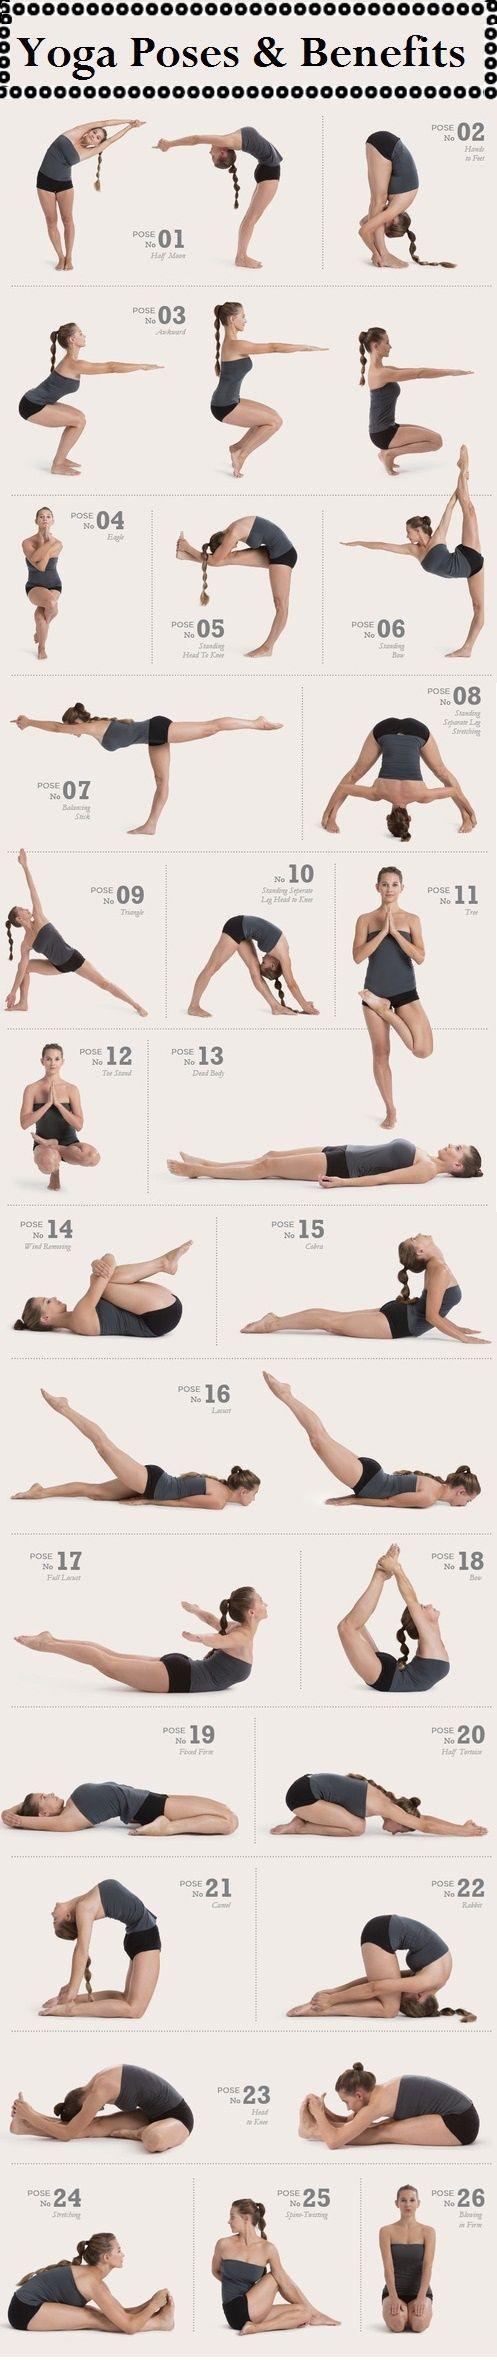 #yoga #namaste media-cache-ec0.p...